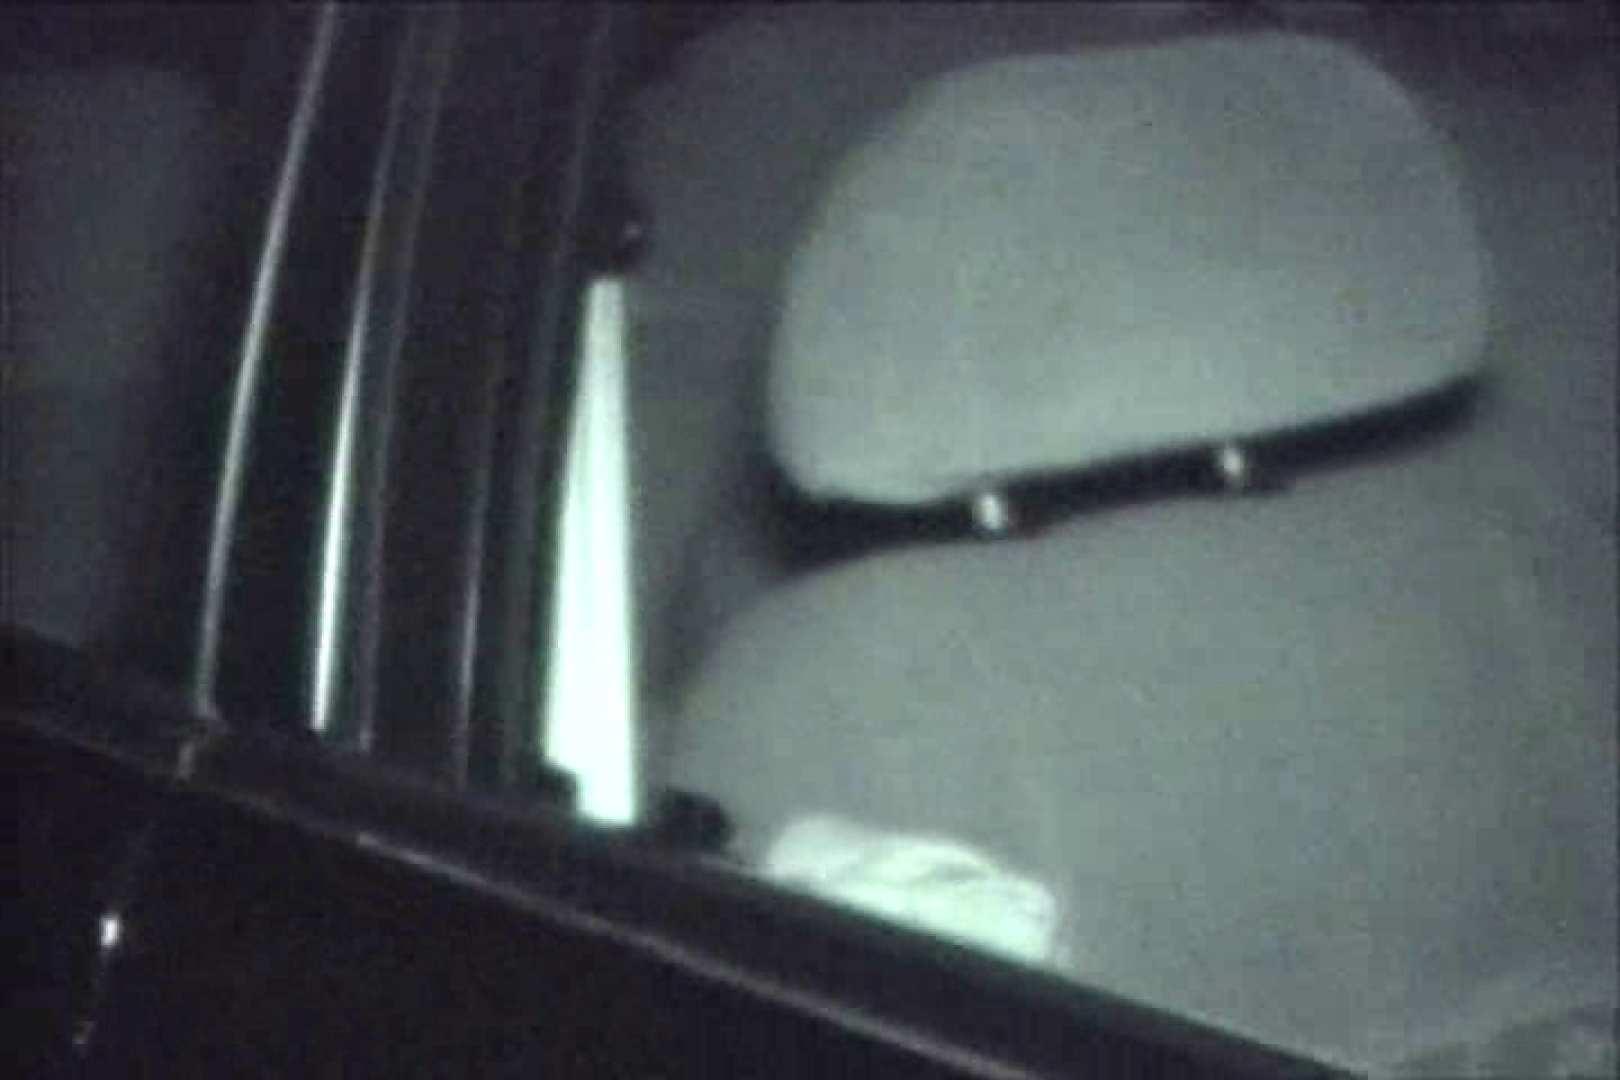 車の中はラブホテル 無修正版  Vol.16 おまんこ娘 盗撮動画紹介 52連発 37